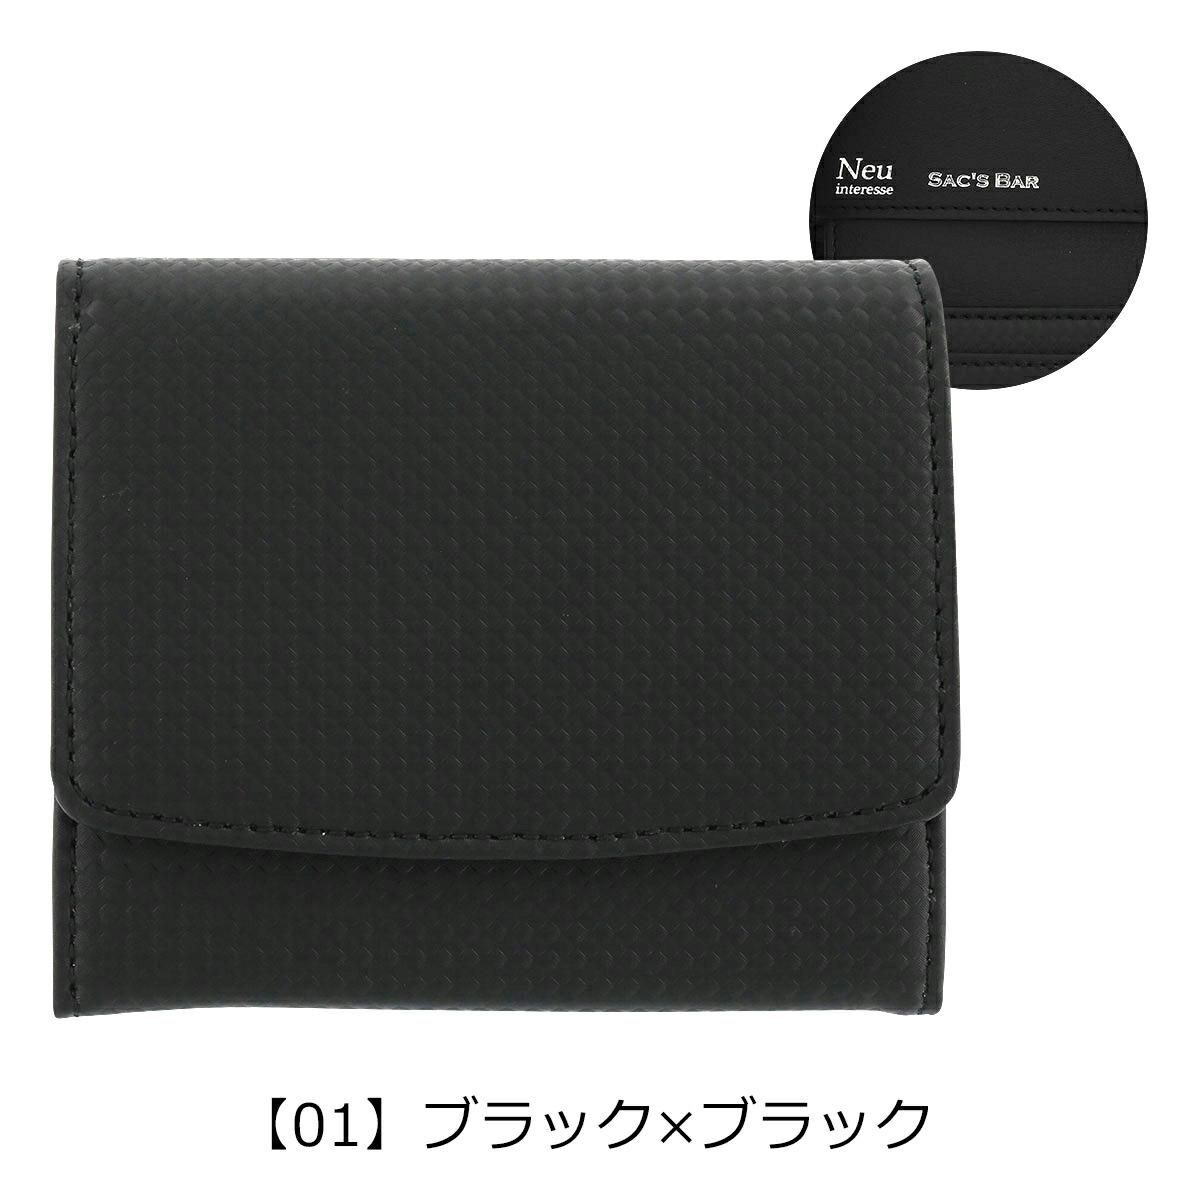 【01】ブラック×ブラック